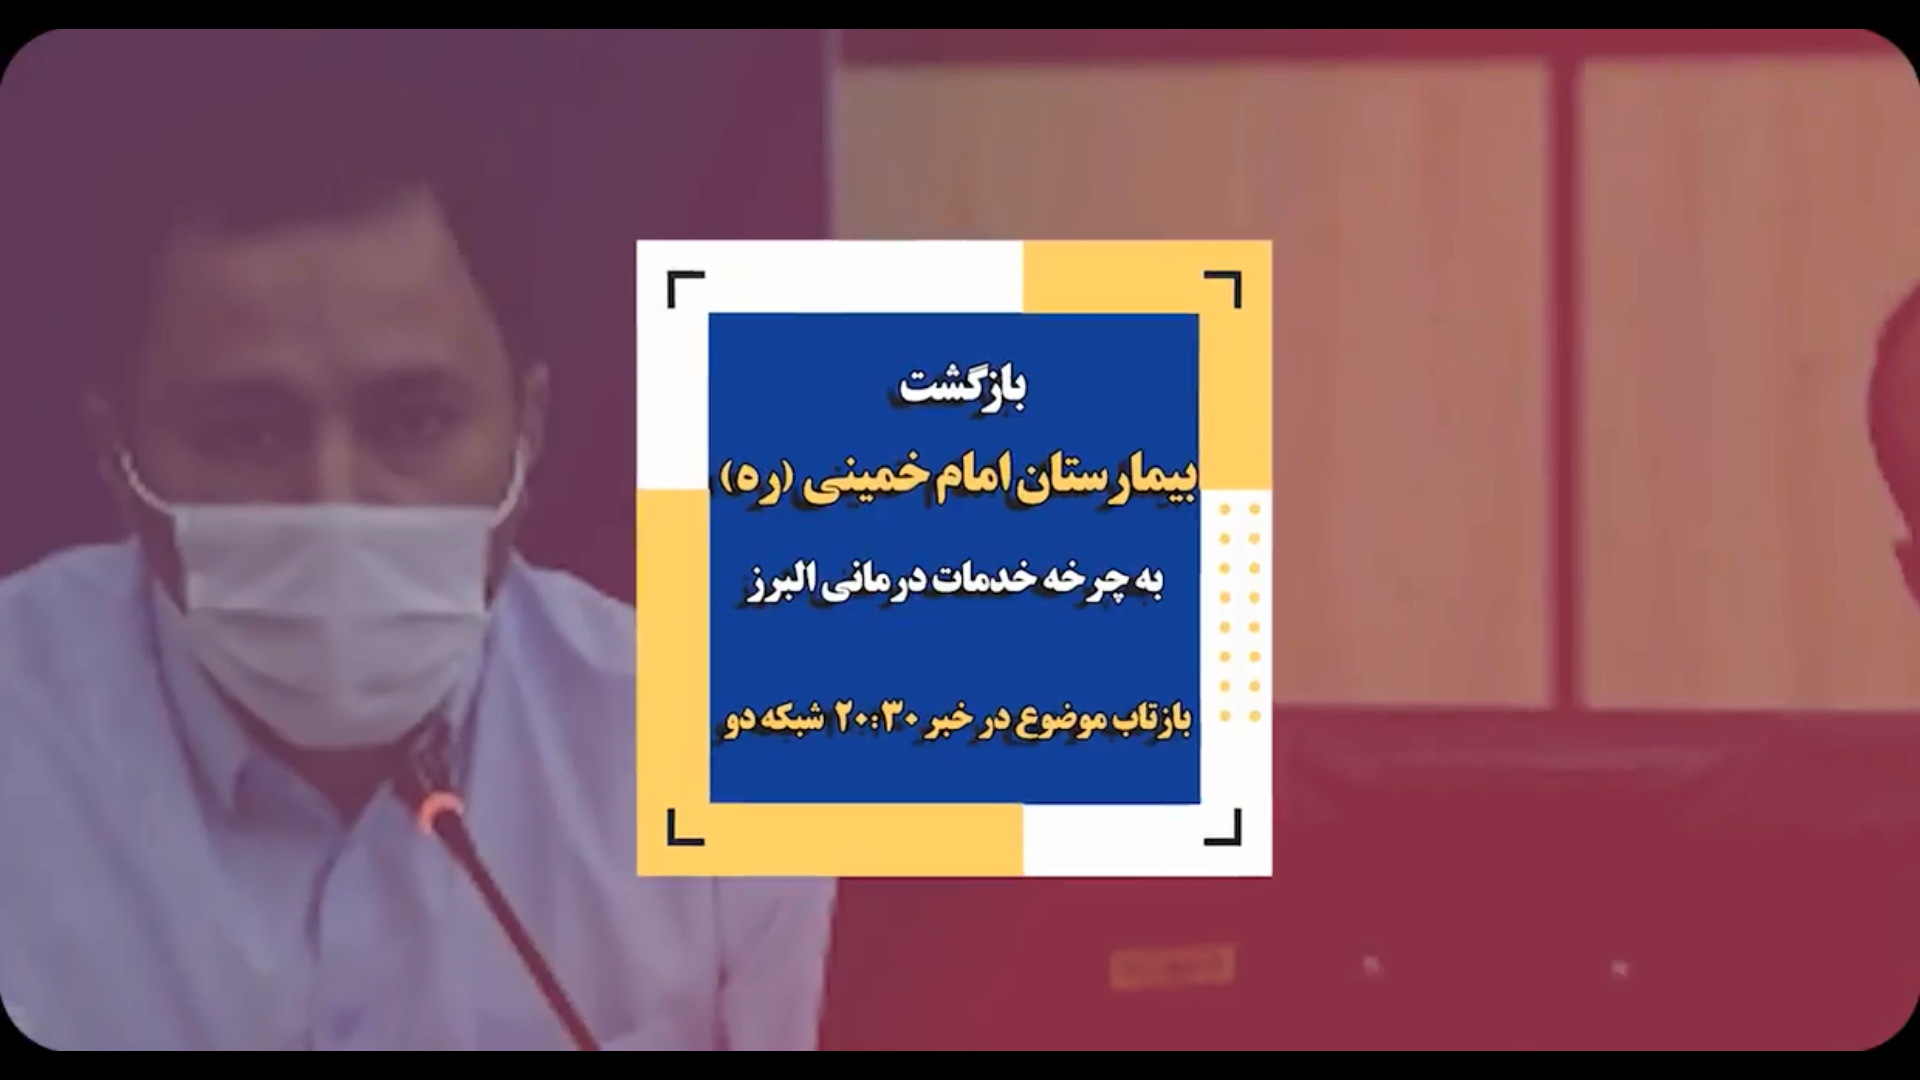 مهدی عسگری: بیمارستان امام خمینی (ره) کرج به چرخه خدمات درمان البرز بازگشت